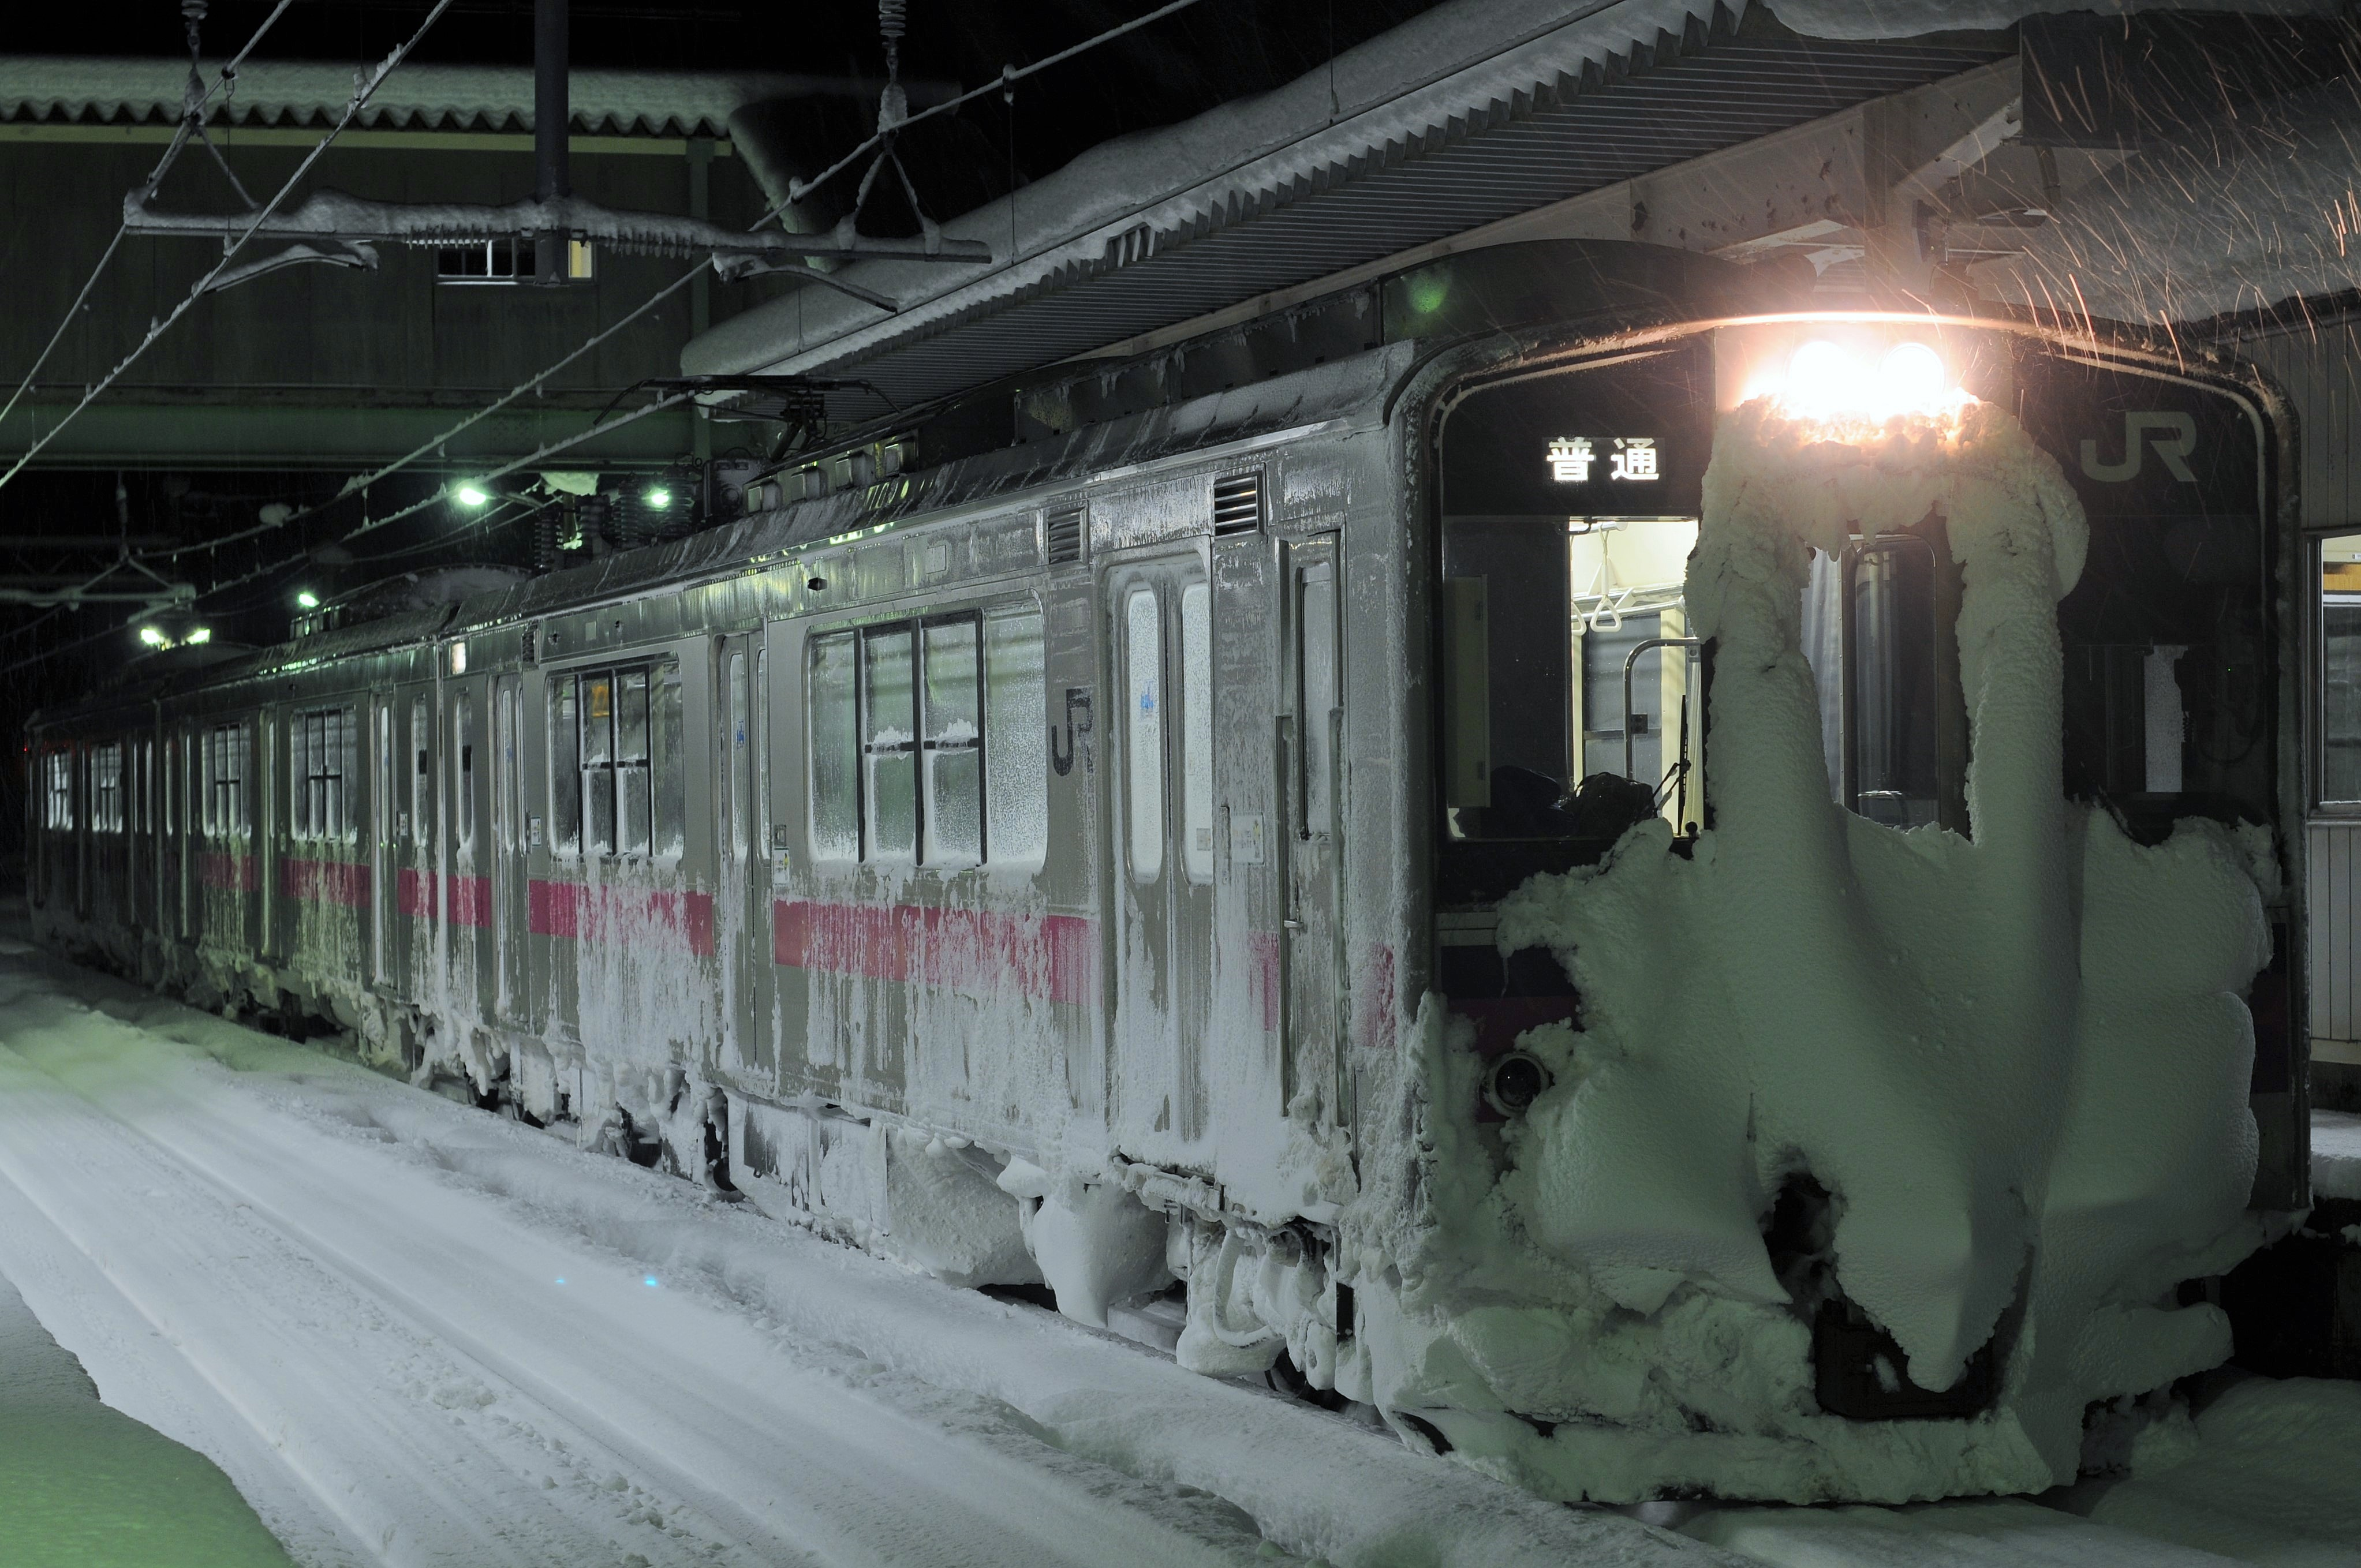 雪の中の701系をバルブ